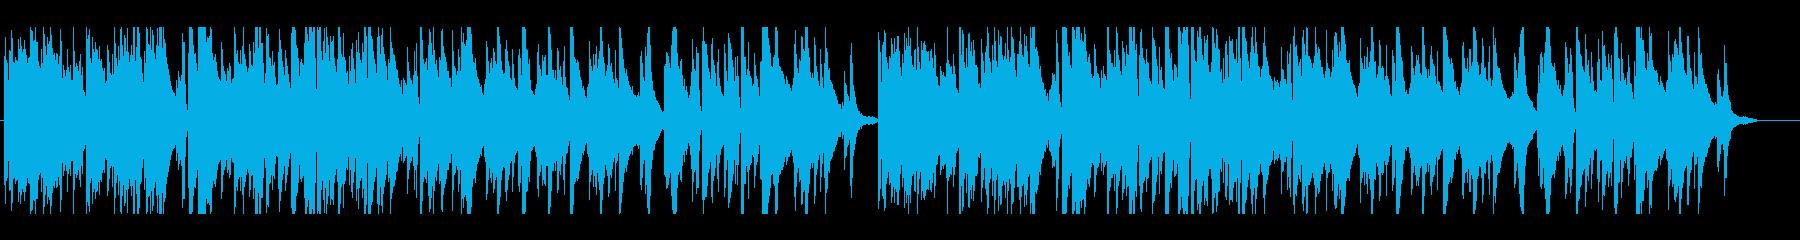 少しクラシカル風なポップスのピアノ曲ですの再生済みの波形